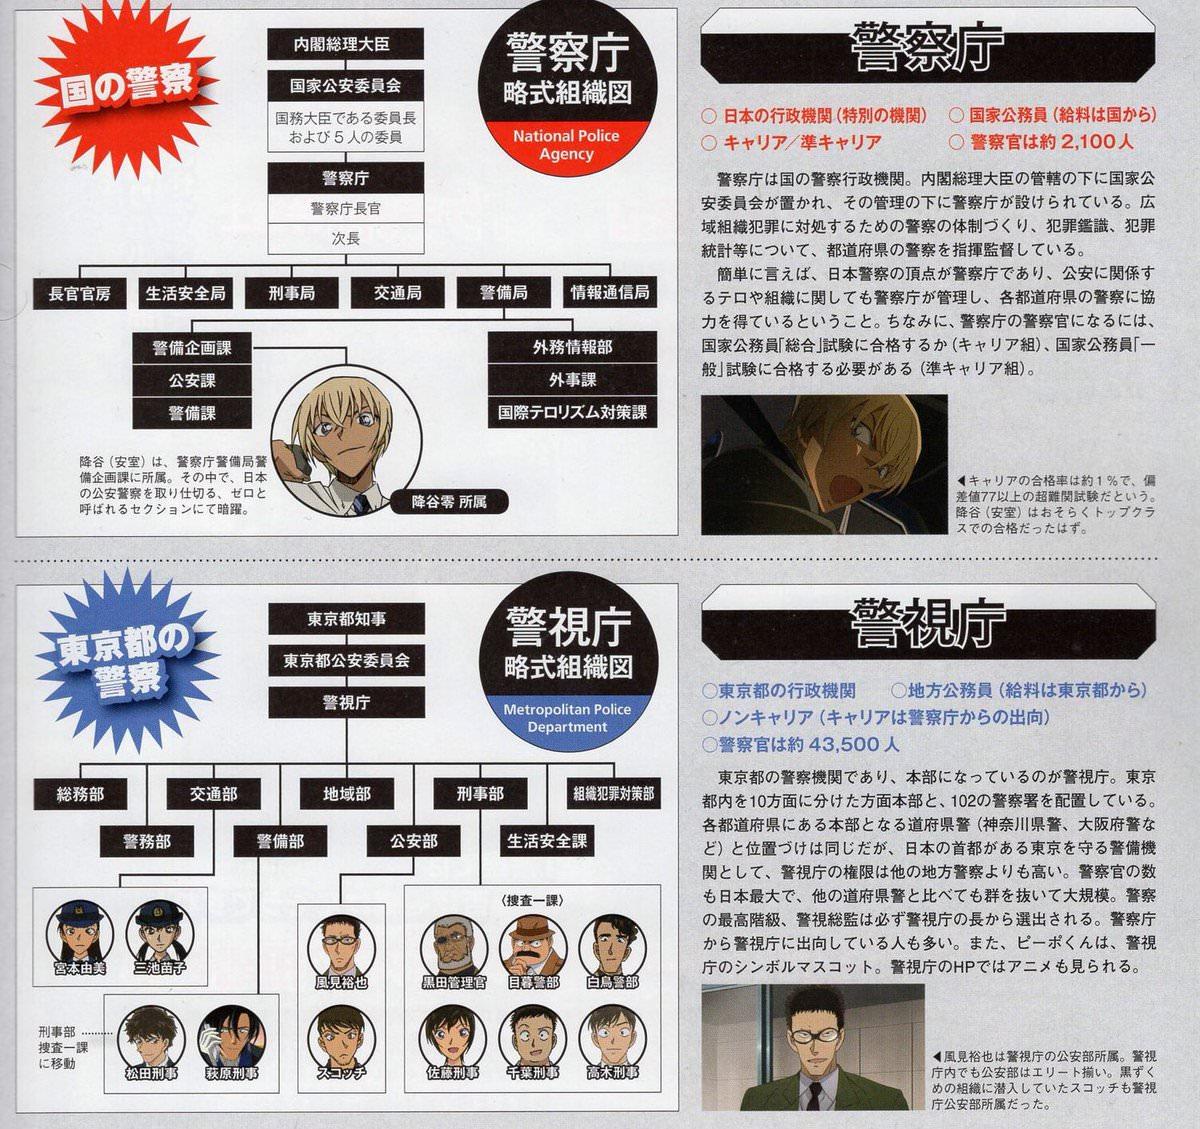 【朗報】映画名探偵コナンさん興行収入歴代1位の70億突破確実wwwwwww